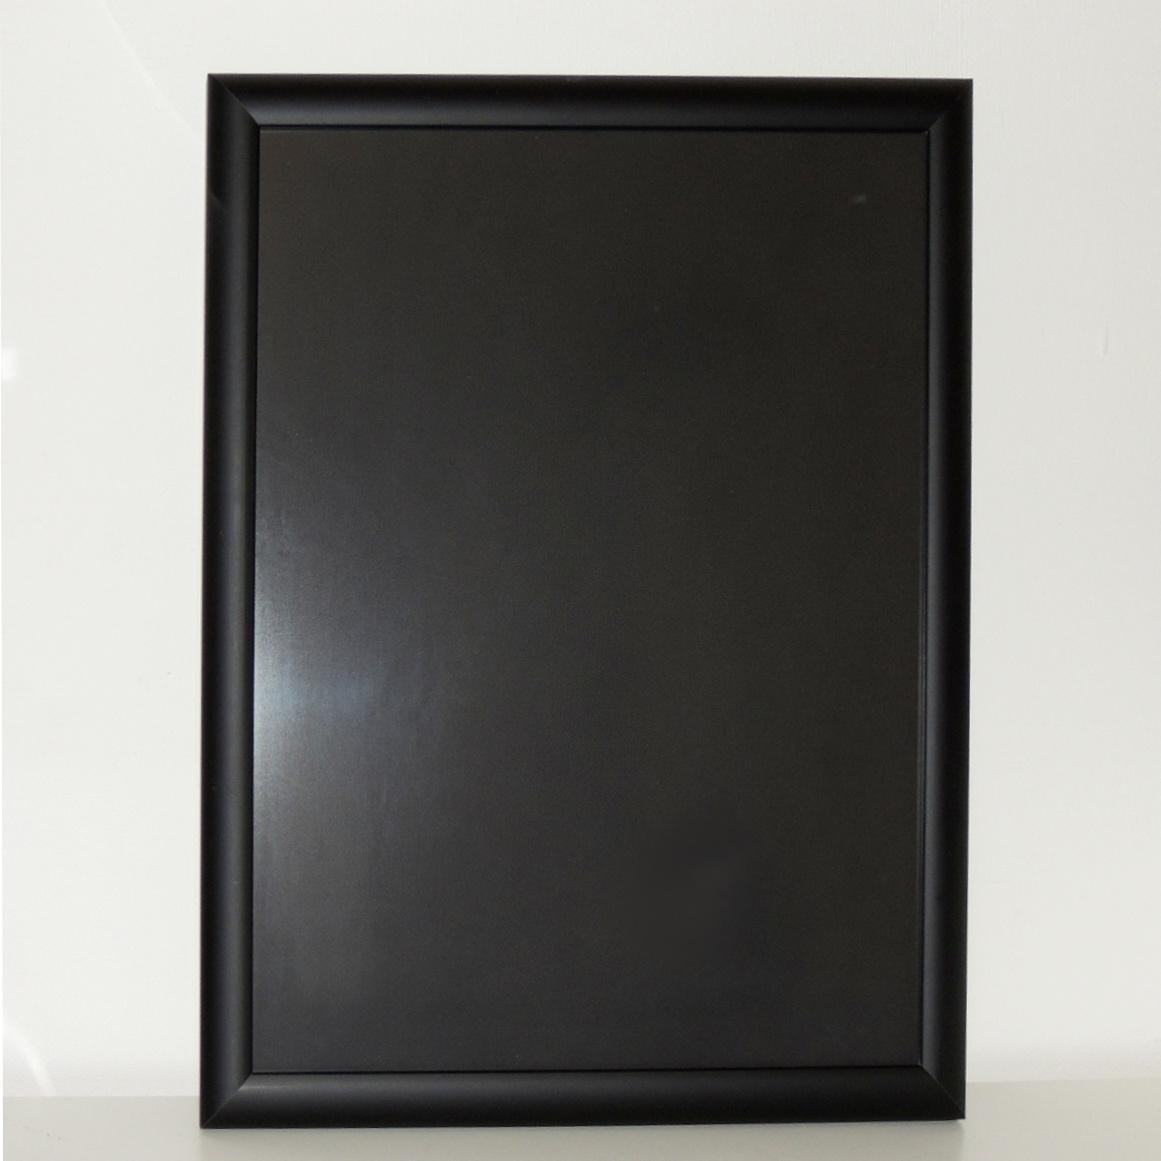 Rahmen 50x70 Schwarz Schwarze Holzrahmen 50x70cm Entwurf Atelier